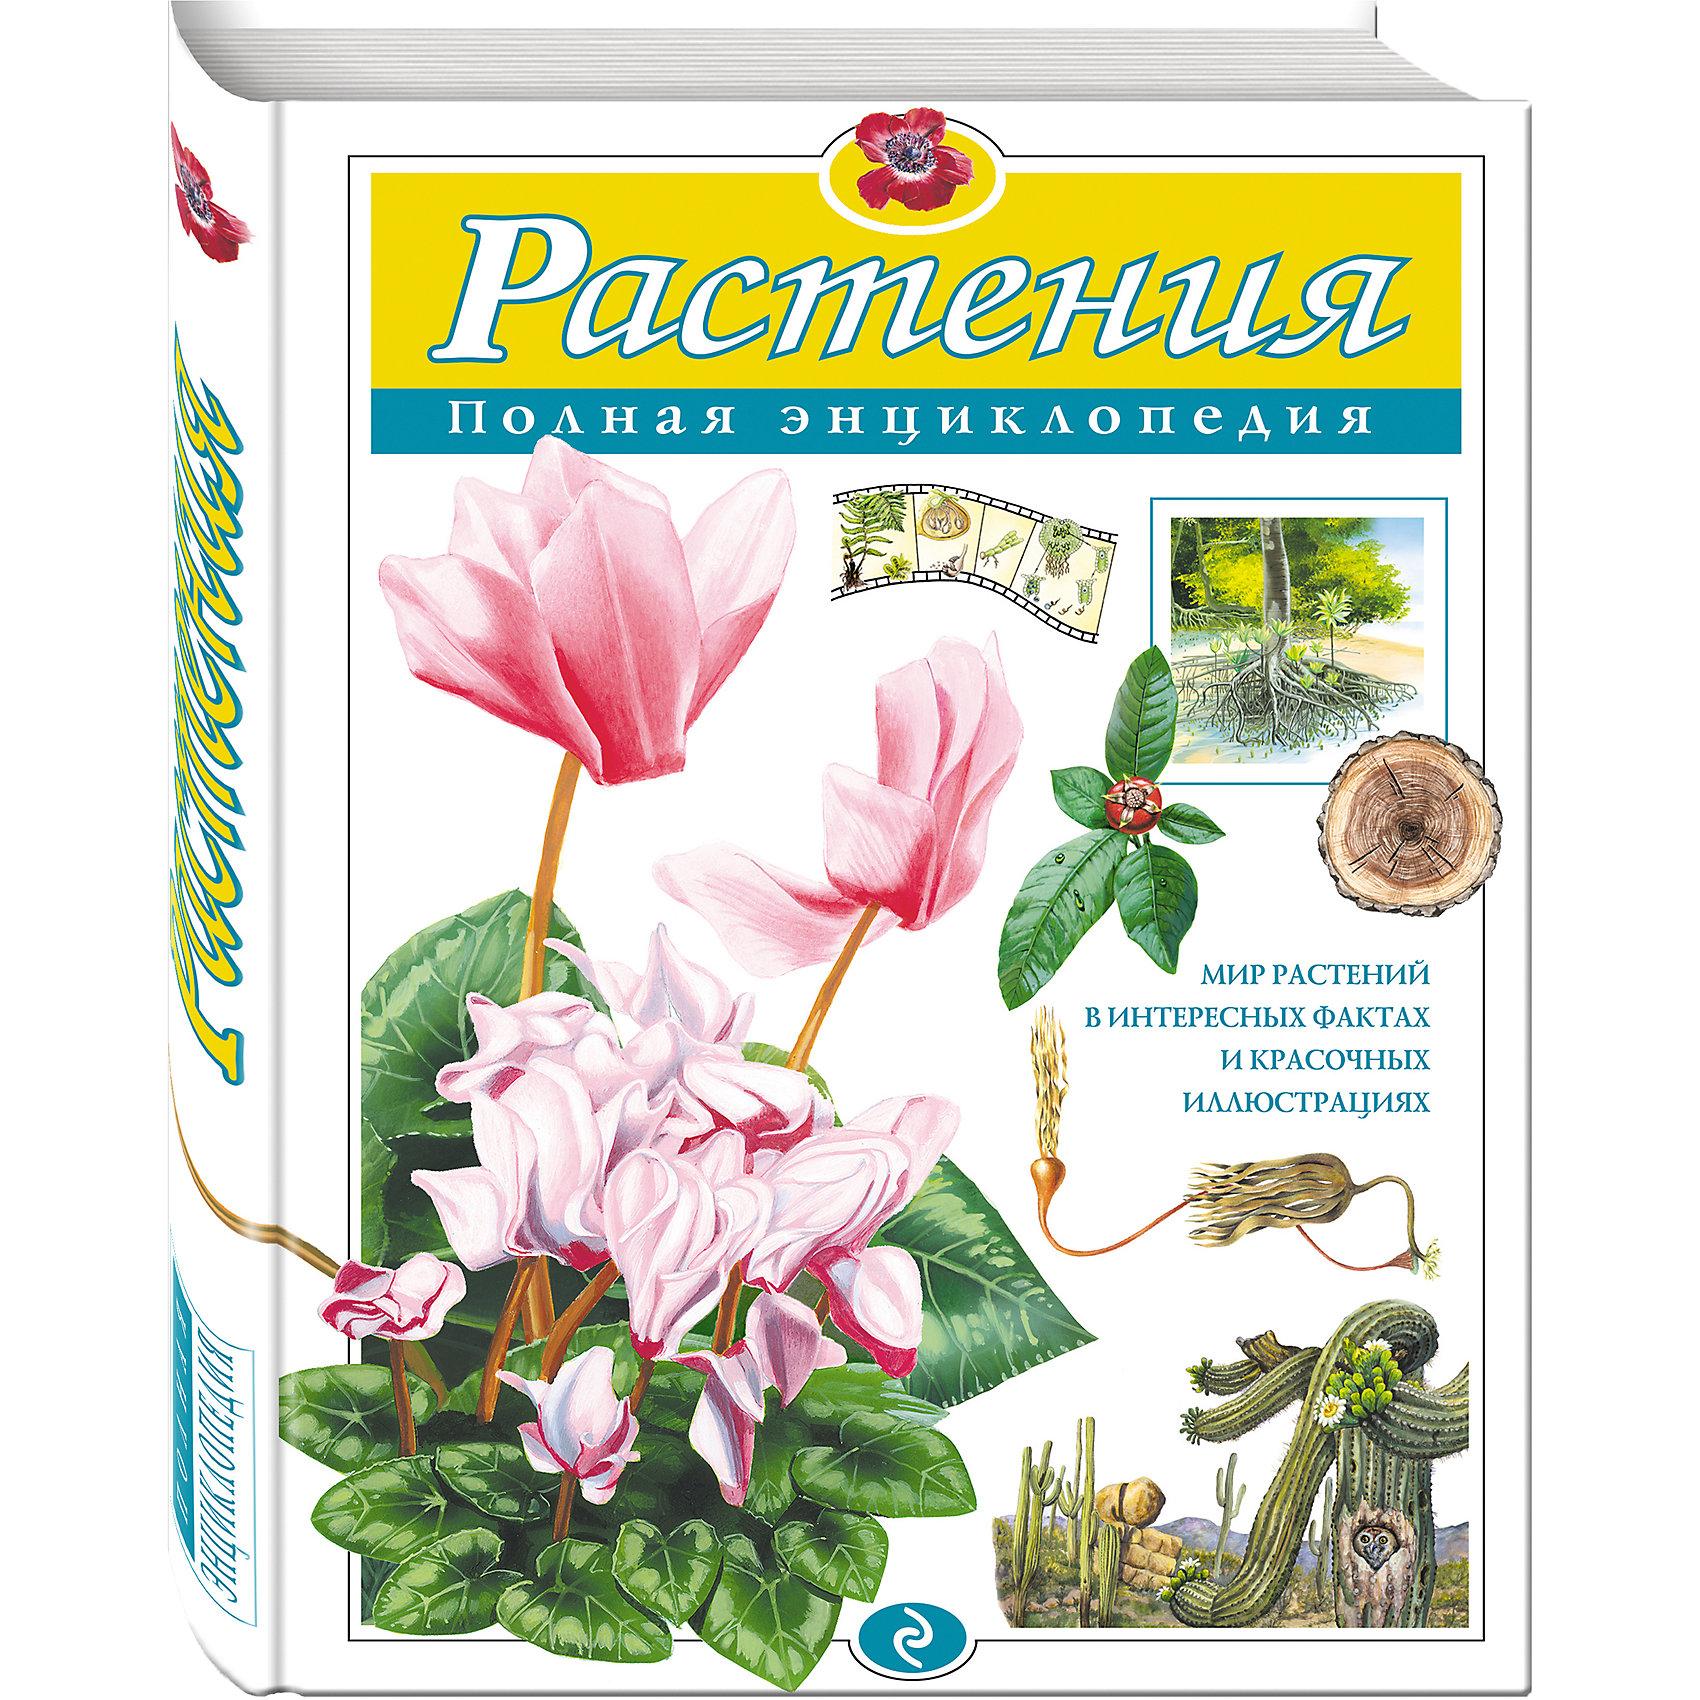 Полная энциклопедия РастенияДетские энциклопедии<br>Нас окружают тысячи видов растений -- деревья и травы, фрукты и овощи, прекрасные цветы. Каждый день мы наслаждаемся их видом, пользуемся их дарами... А много ли мы знаем о них?<br>Наша книга подарит вам сотни открытий. Вы узнаете о цветке, который так велик, что едва уместился бы на парте, о травах, что выше потолка, об орехах, которые тяжелее гири, и даже о простой крапиве вы узнаете удивительные вещи. Эта книга перевернет ваши представления о растениях, и вы непременно почувствуете любовь к их богатому и щедрому миру.<br><br>Ширина мм: 290<br>Глубина мм: 220<br>Высота мм: 20<br>Вес г: 1463<br>Возраст от месяцев: 72<br>Возраст до месяцев: 144<br>Пол: Унисекс<br>Возраст: Детский<br>SKU: 6877934